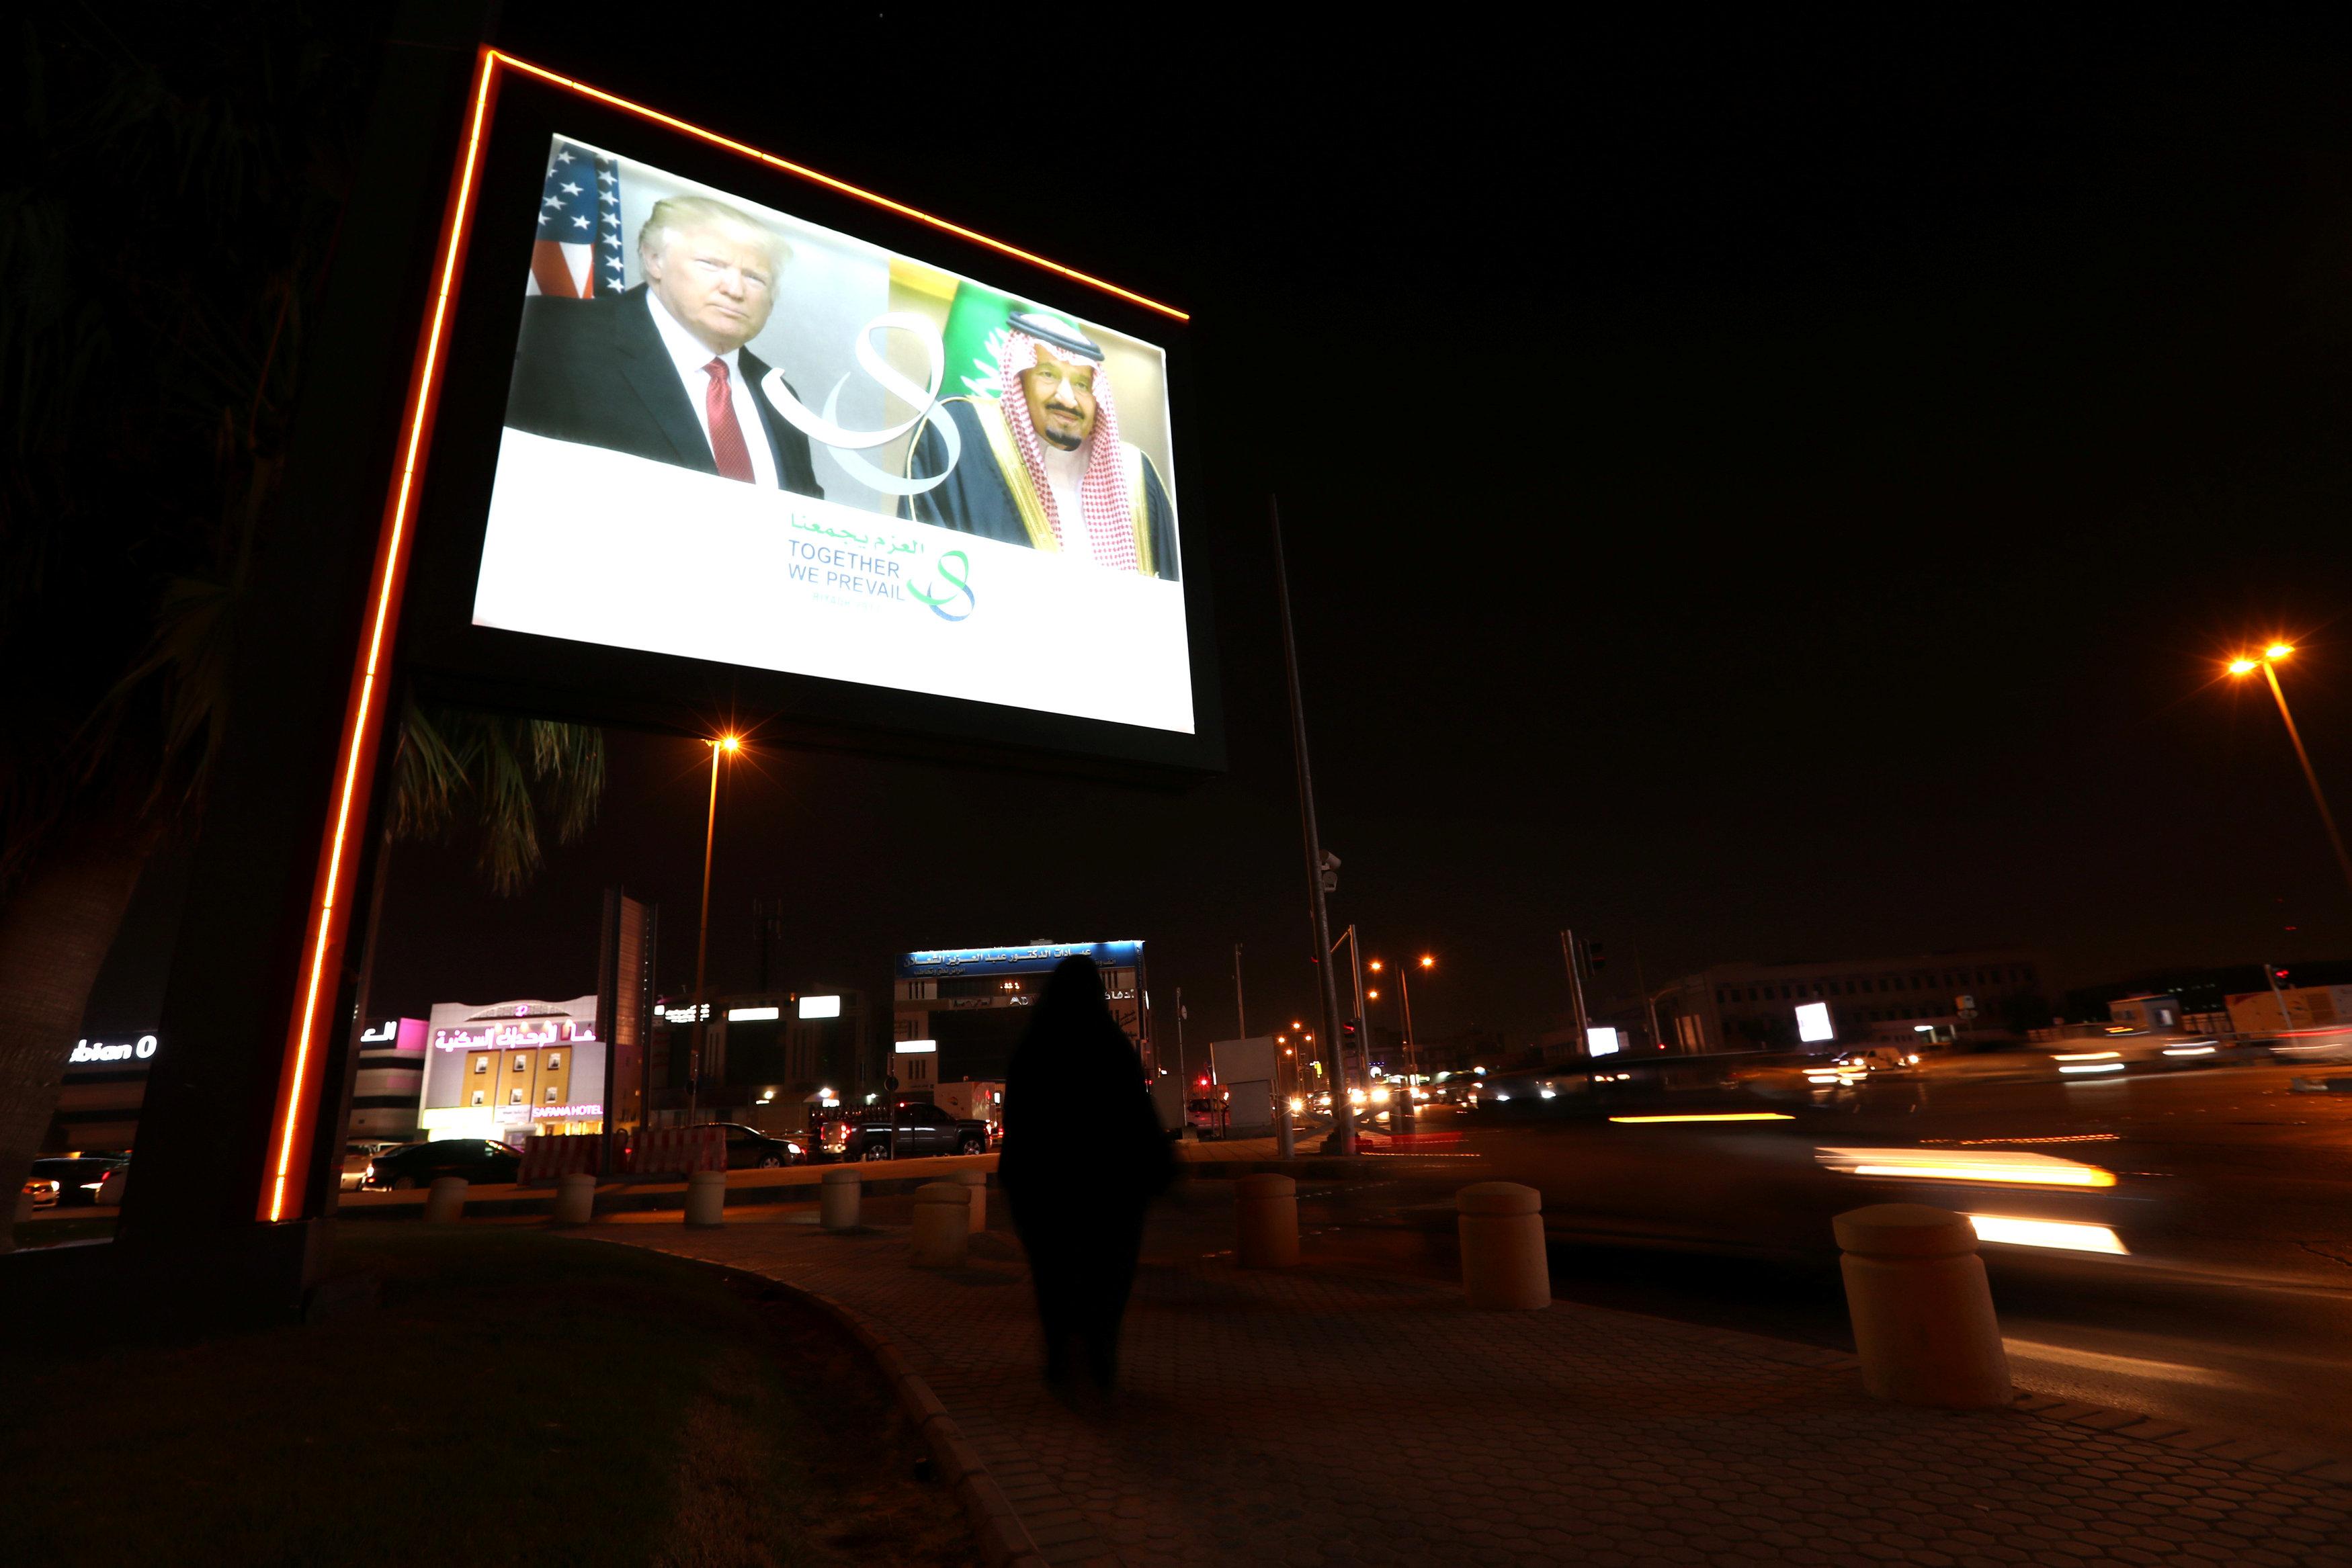 لافتة ضوئية تحمل صور الرئيس الأمريكى والعاهل السعودى